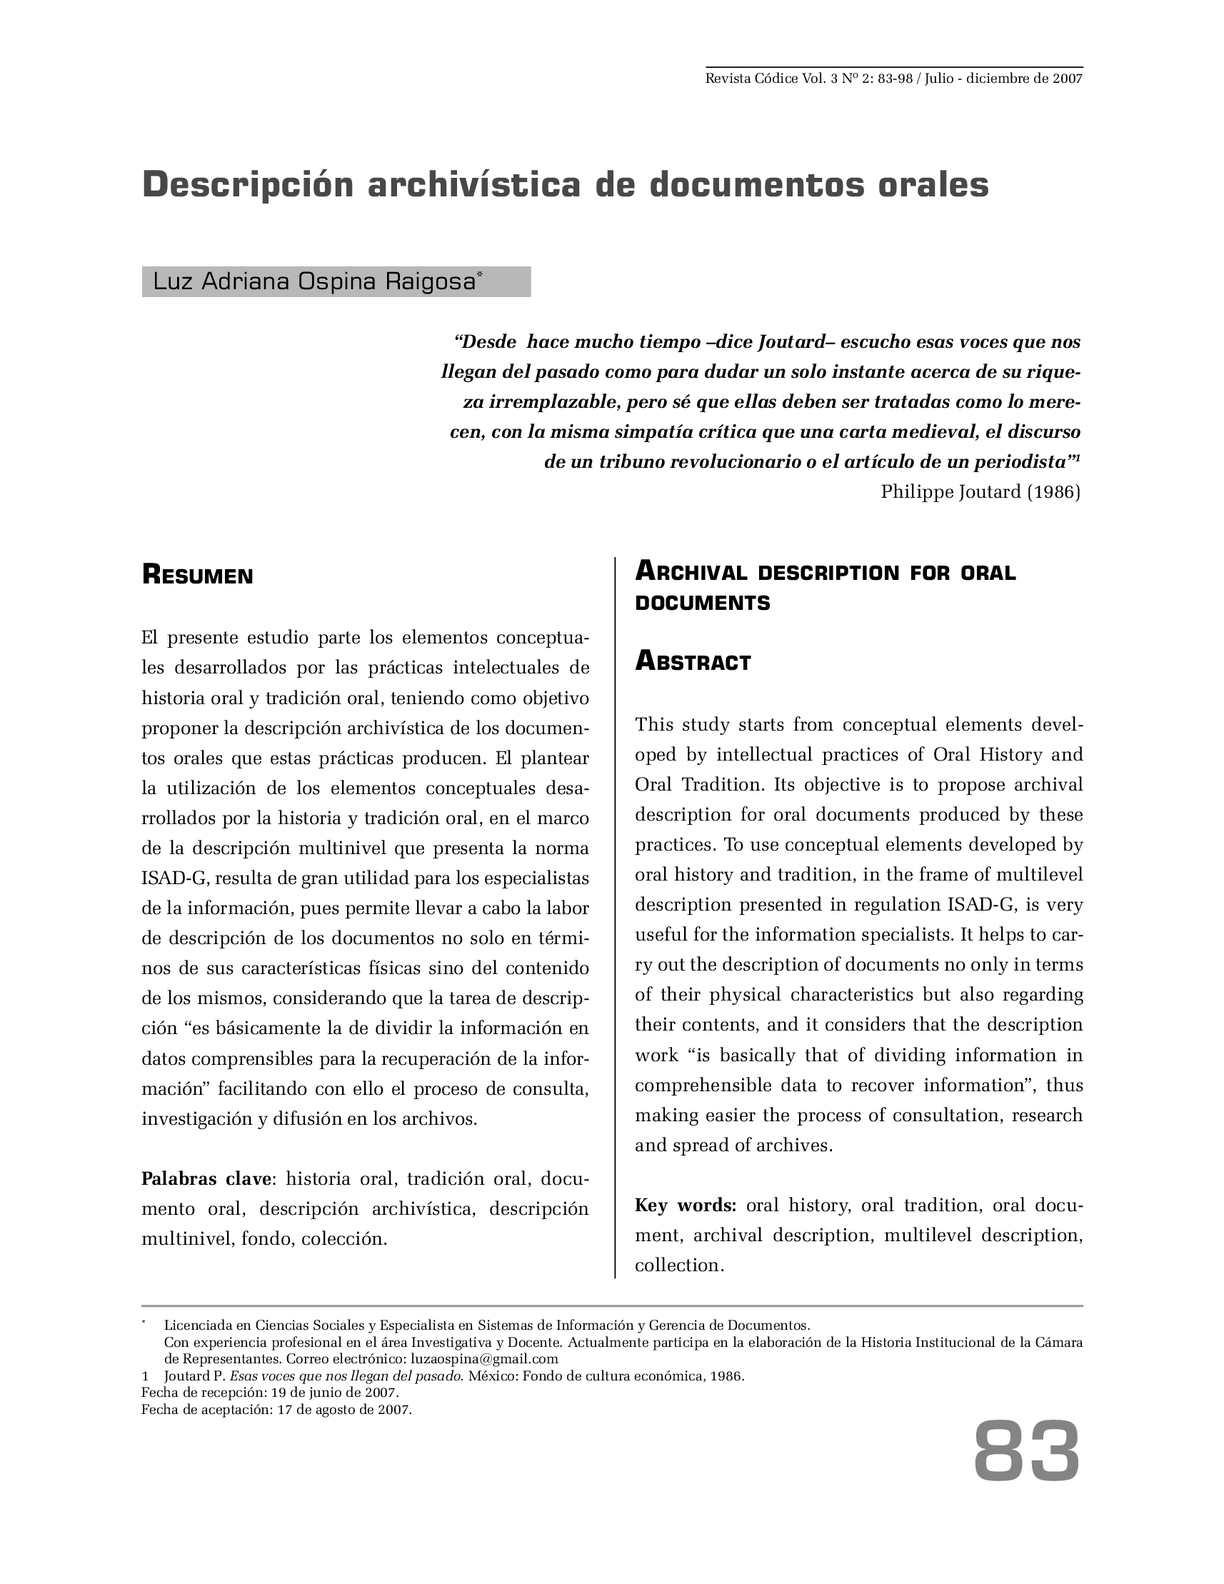 Calaméo - Descripción archivística de documentos orales